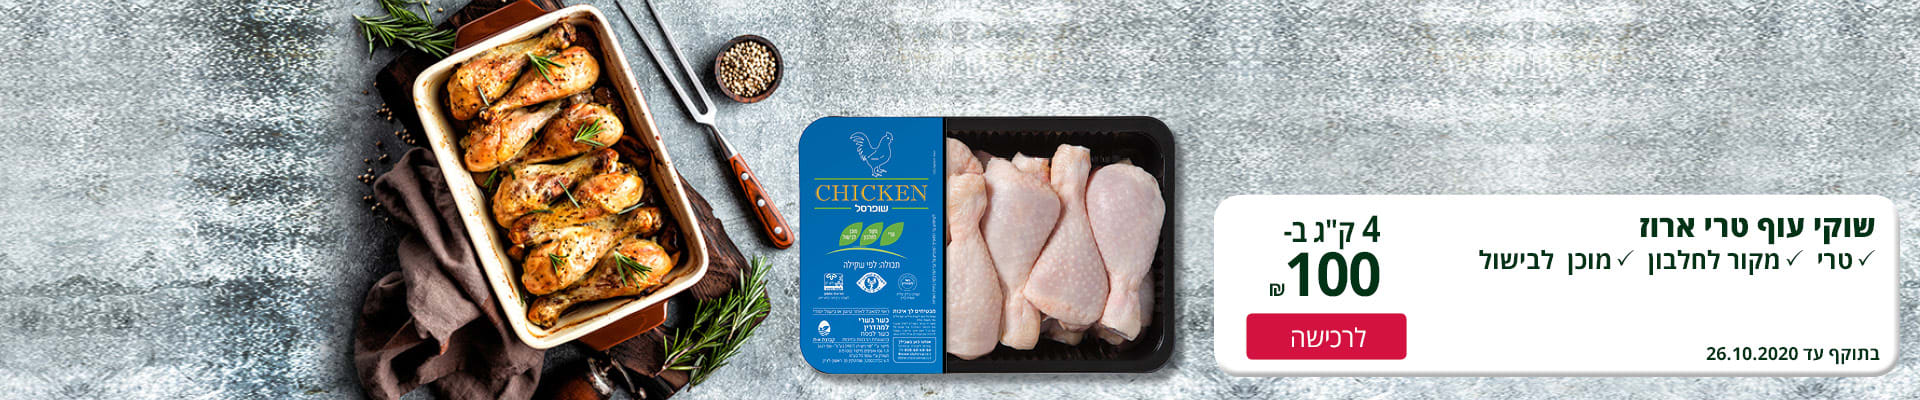 """שוקי עוף טרי ארוז מקור לחלבון ומוכן לבישול 4 ק""""ג ב-100 ₪. בתוקף עד 26.10.2020"""